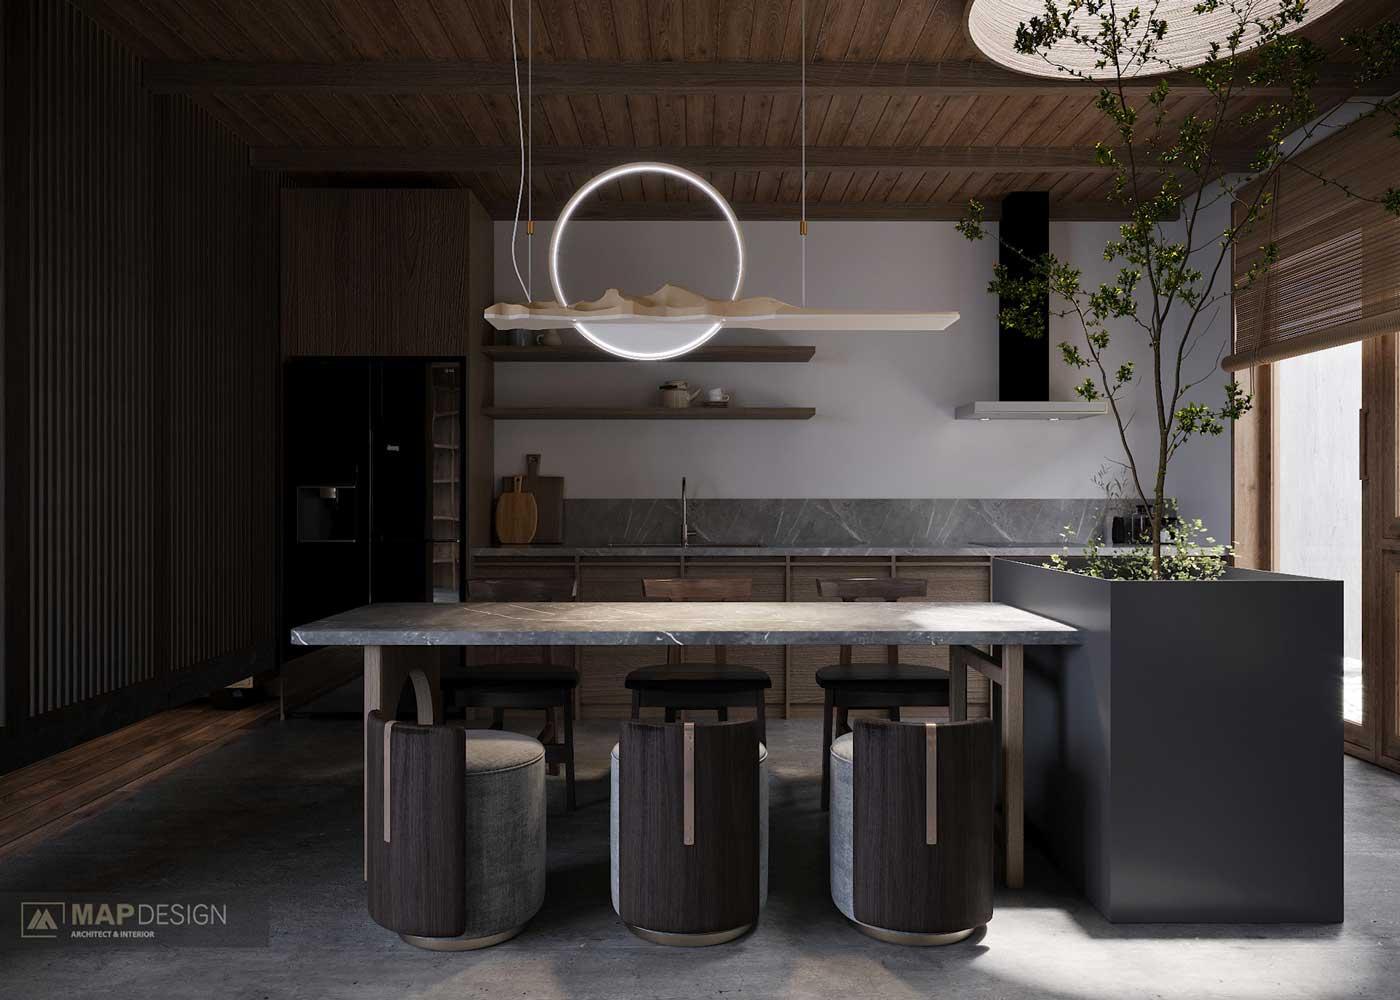 La fragilité des branches fines d'un arbre d'intérieur contraste avec une cuisine sombre en matériaux bruts